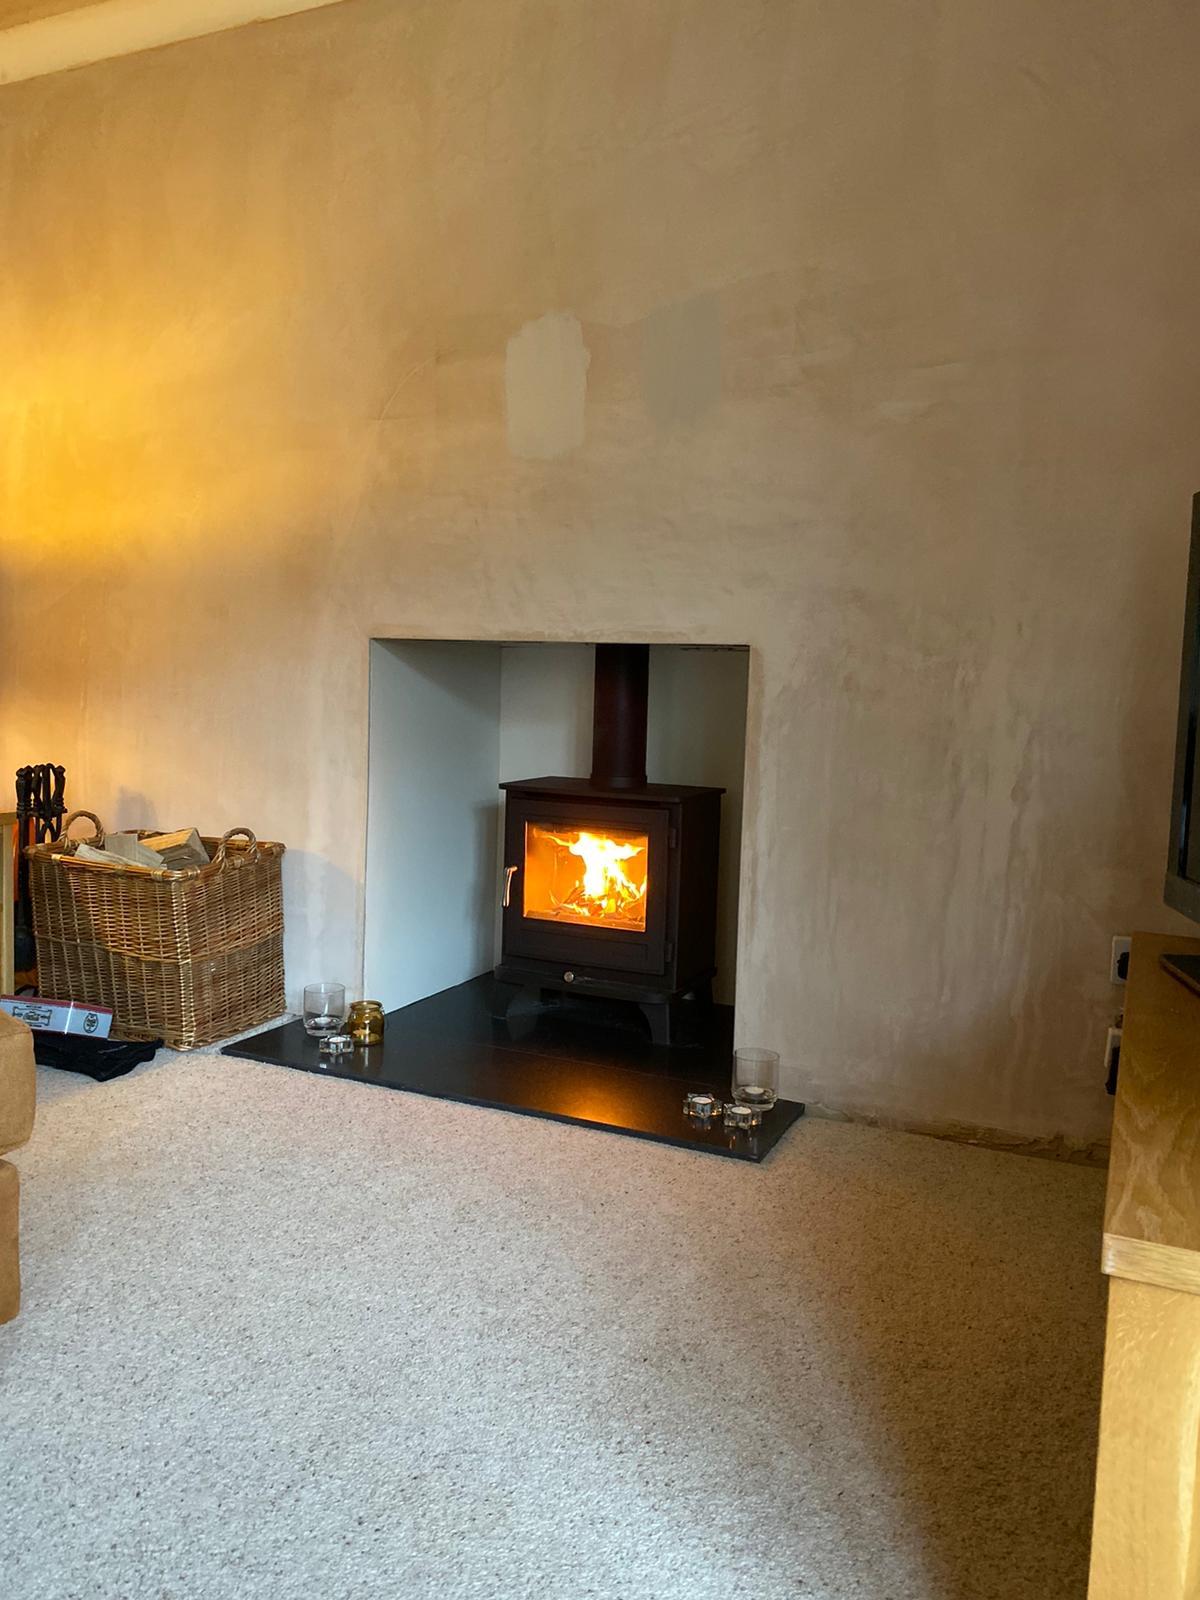 No Fireplace, No problem